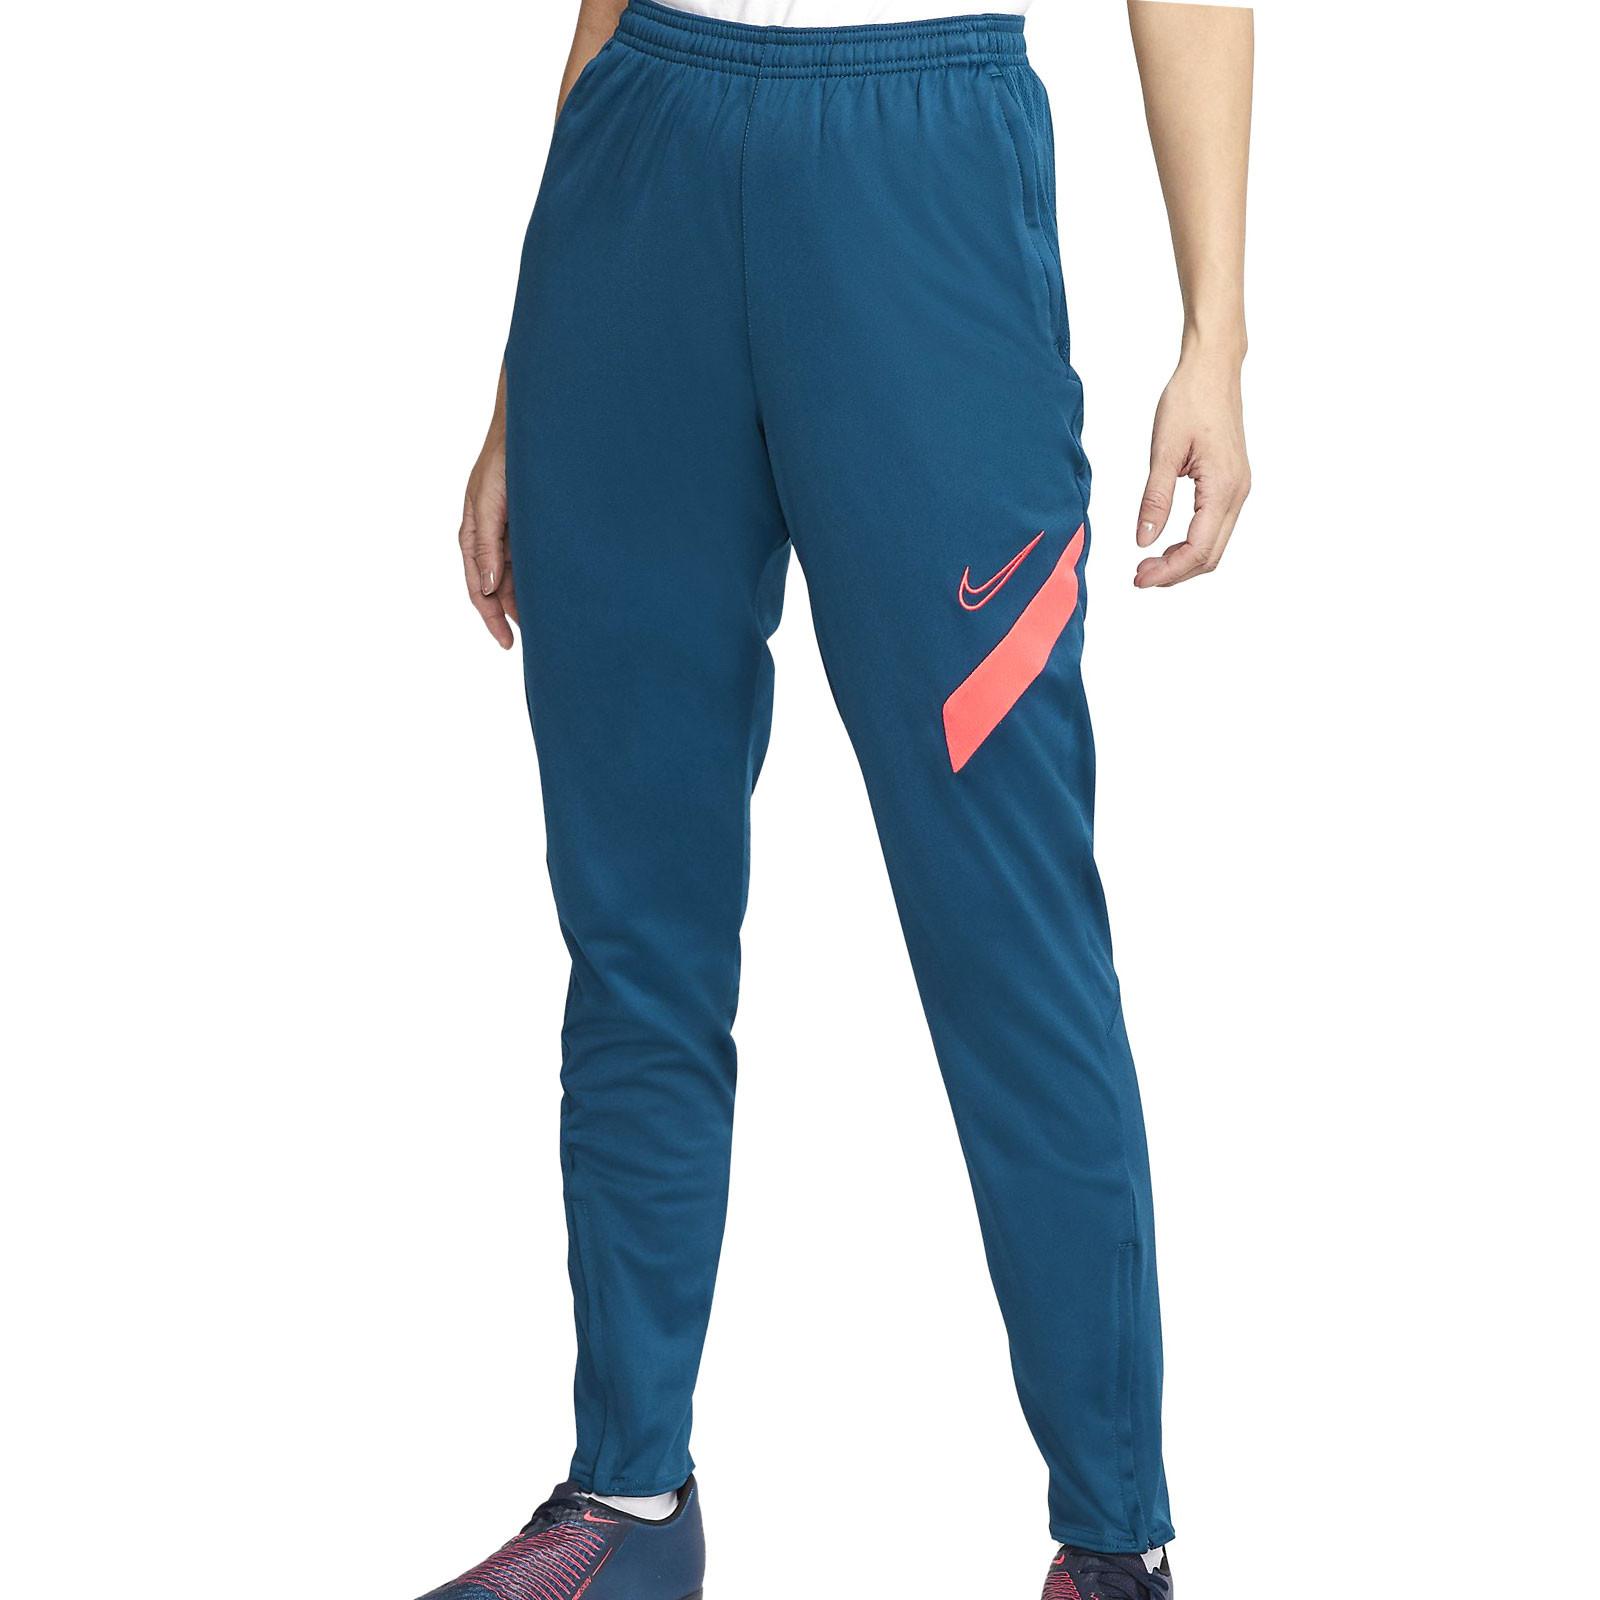 Pantalones Largos Nike Futbol 51 Descuento Bosca Ec